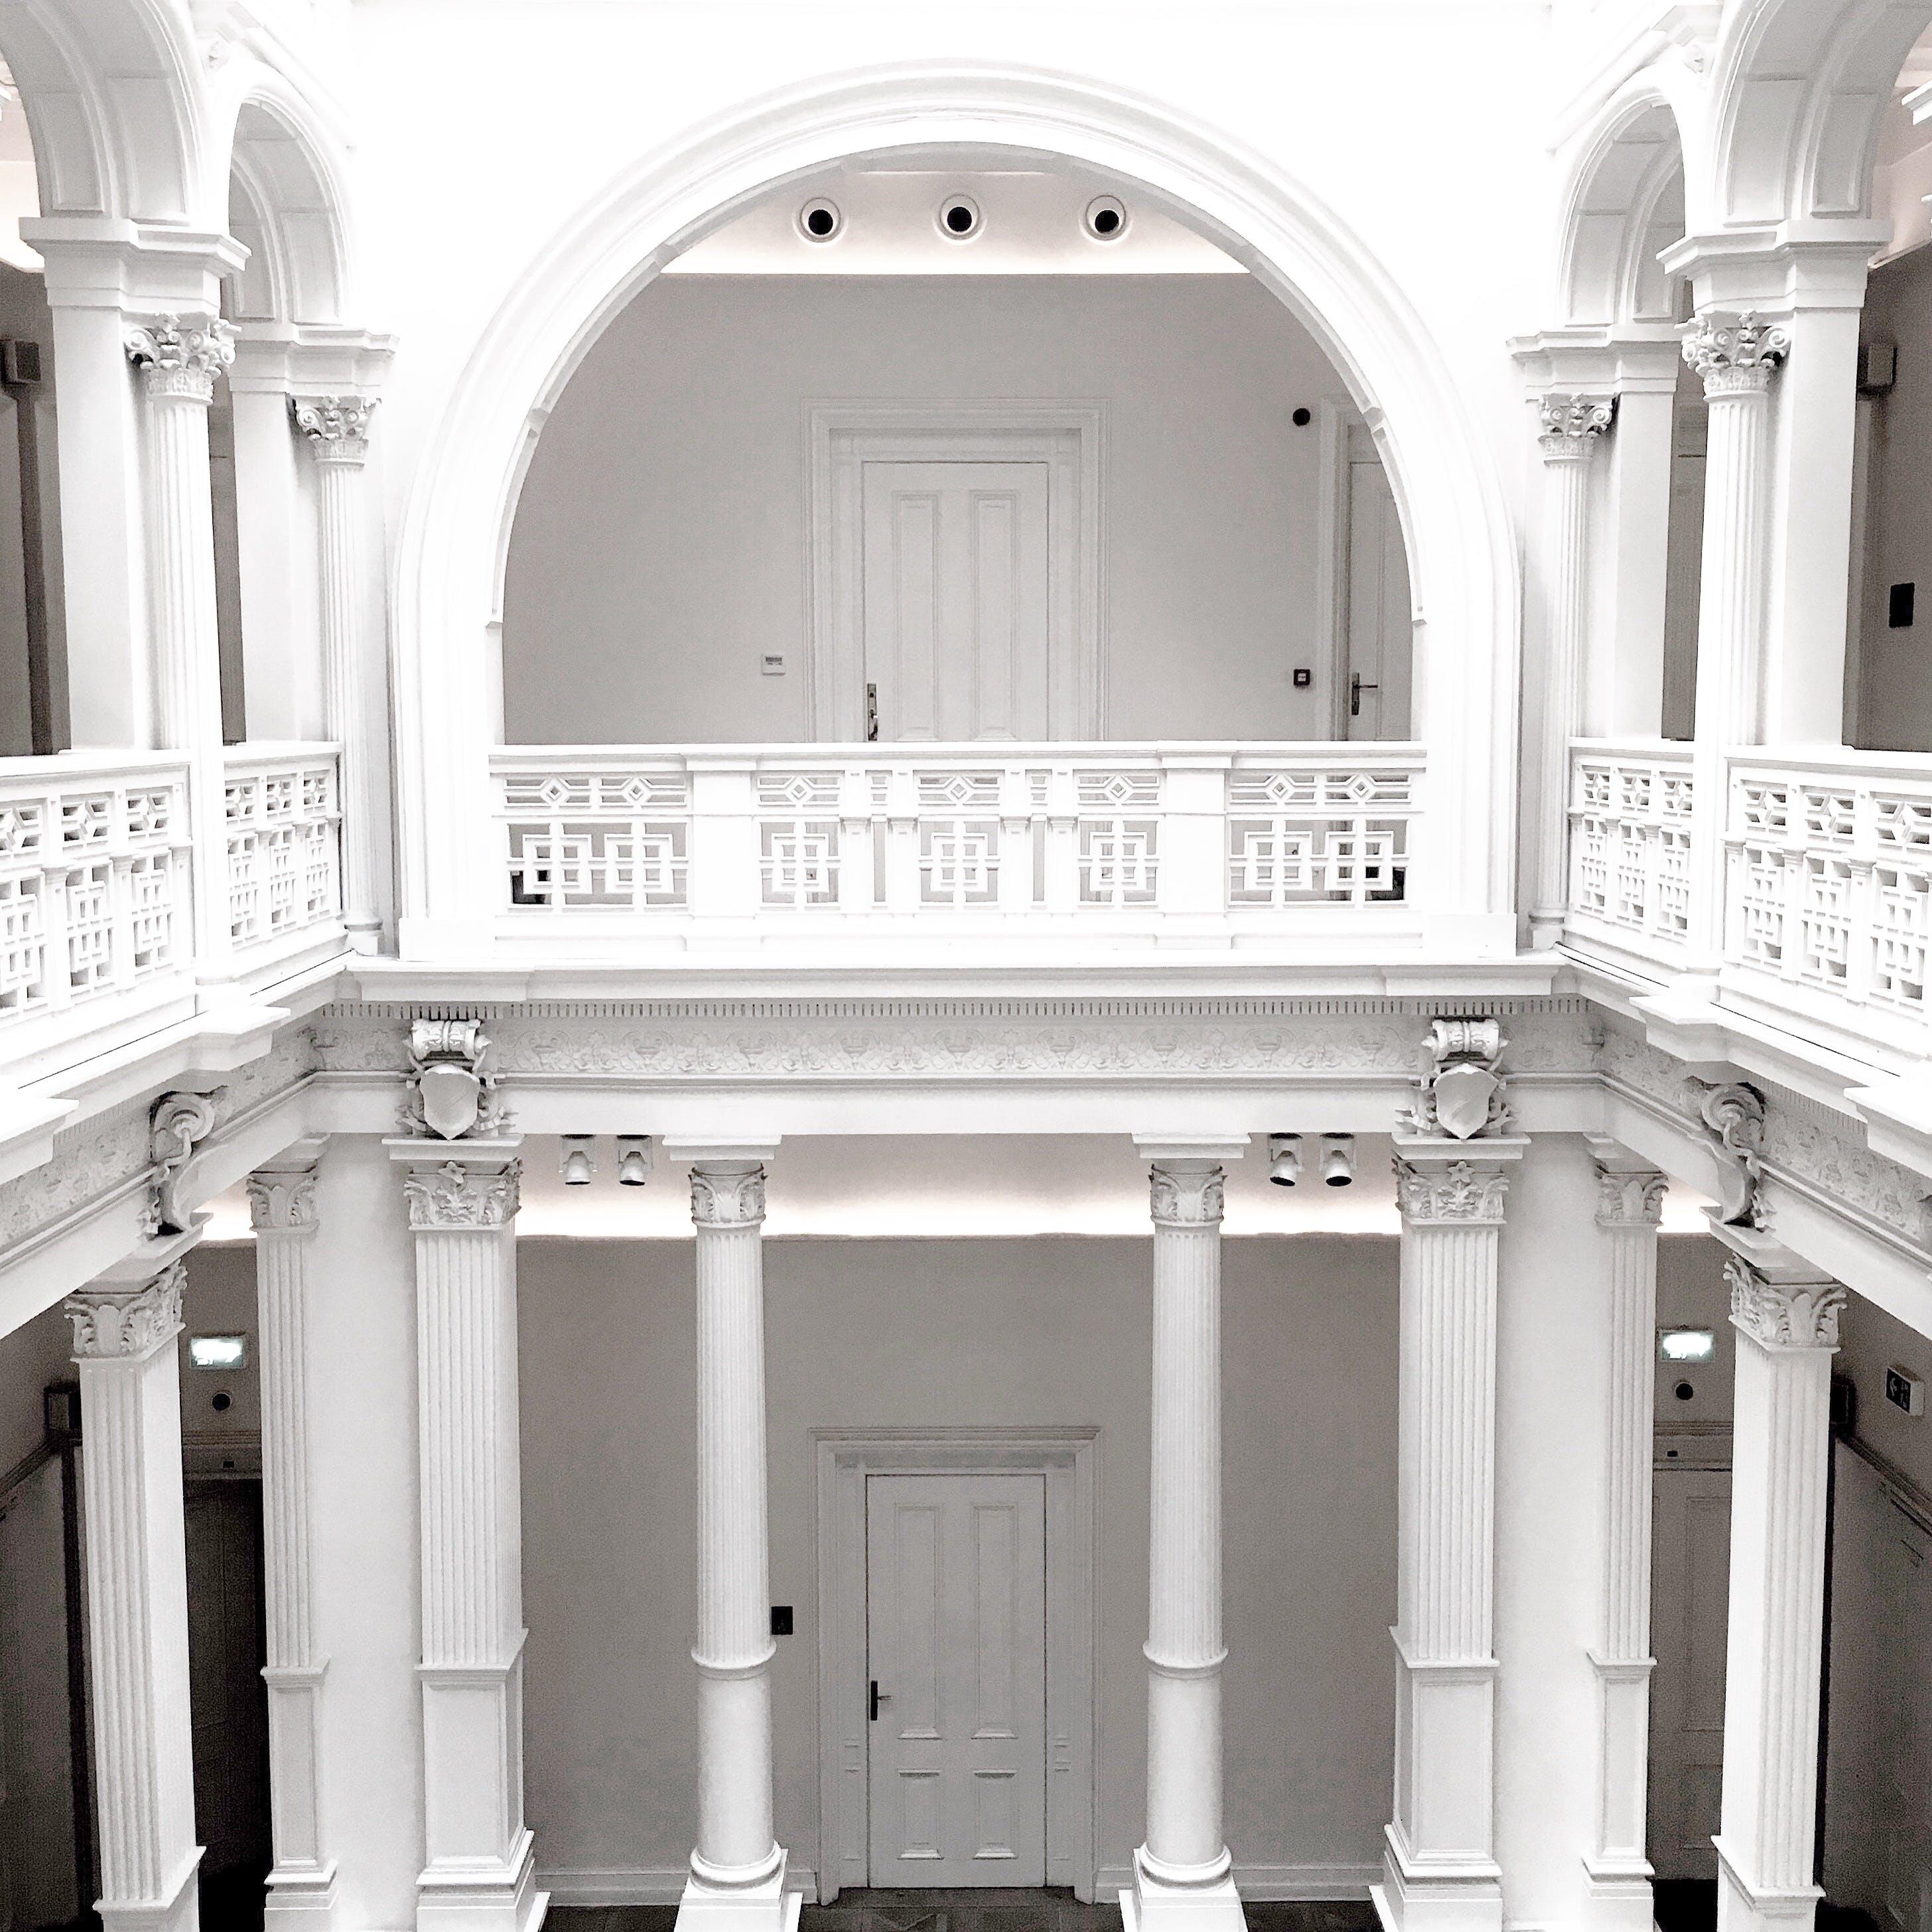 Δωρεάν στοκ φωτογραφιών με αρχιτεκτονική, αψίδα, είσοδος, κτήριο